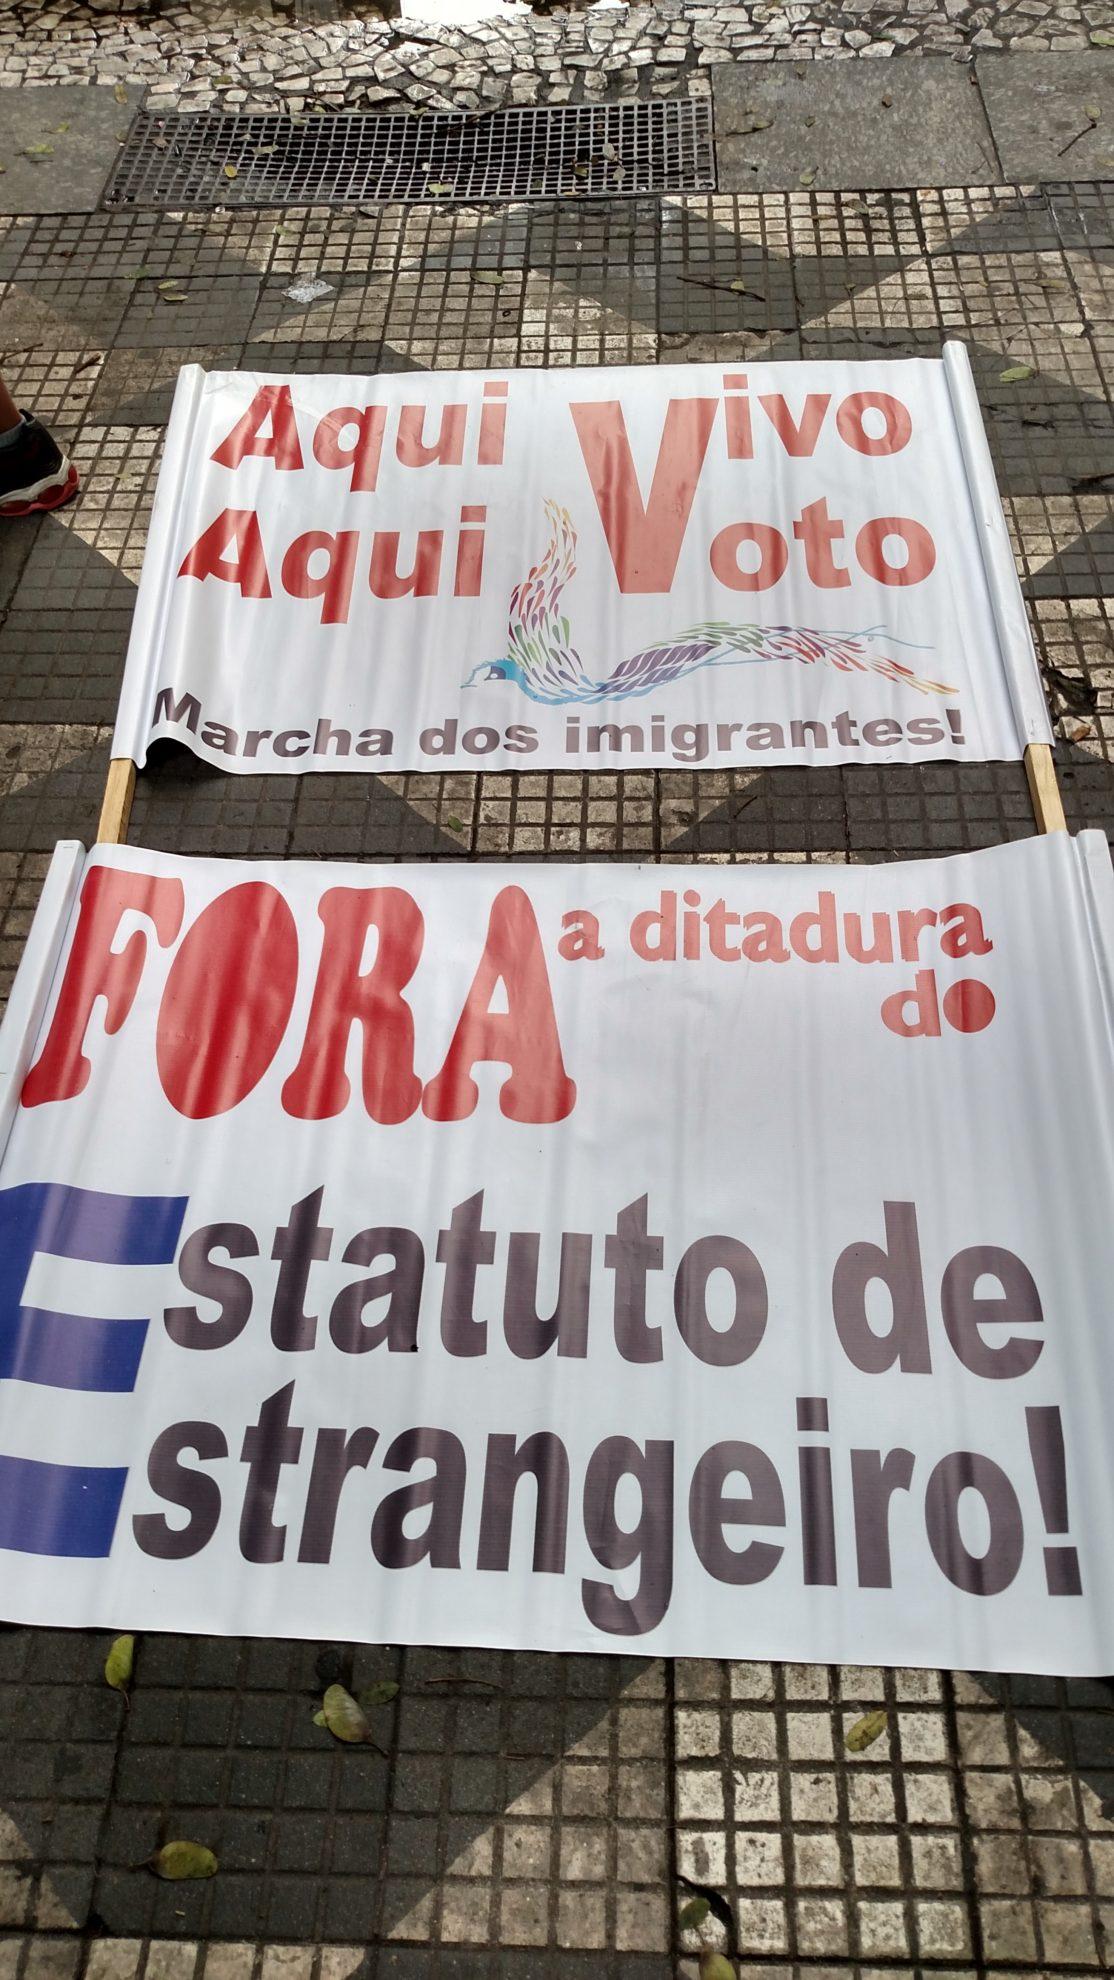 Na Marcha dos Imigrantes de 2015, cartazes pedem fim do Estatuto do Estrangeiro. Crédito: Rodrigo Borges Delfim/MigraMundo